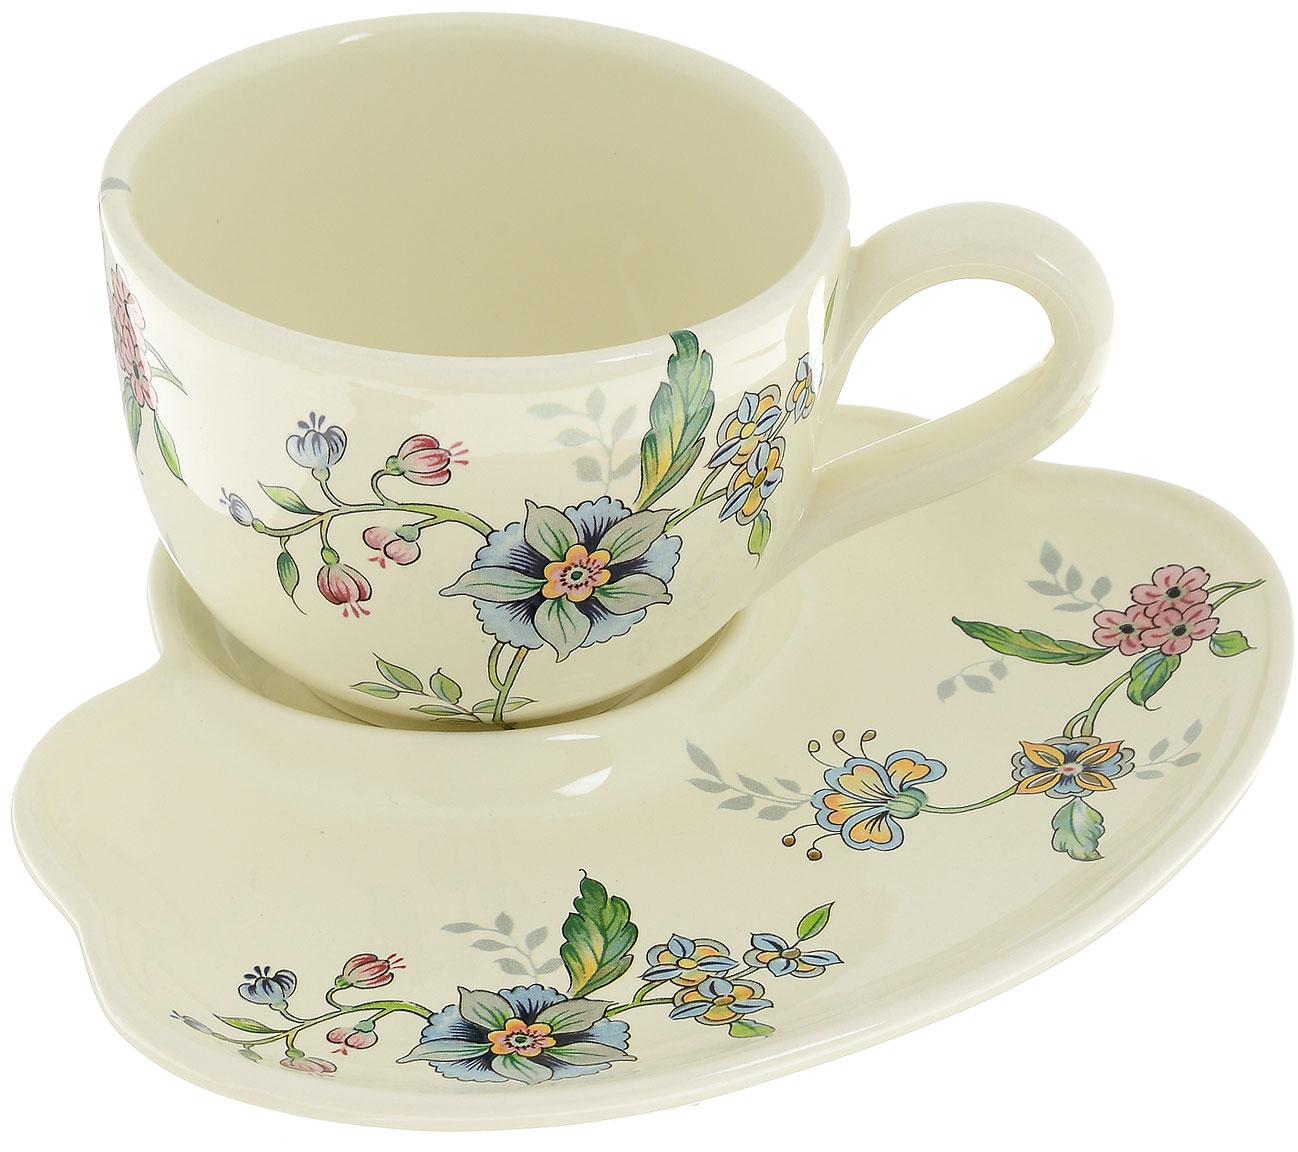 Набор для завтрака Nuova Cer Прованс, 2 предметаPRV-7960Набор для завтрака Nuova Cer Прованс состоит из чашки и тарелки, изготовленных из высококачественной керамики. Изделия оформлены цветочным узором. Красочность оформления придется по вкусу и ценителям классики, и тем, кто предпочитает утонченность и изысканность. Такой набор прекрасно дополнит сервировку стола к завтраку и подчеркнет ваш безупречный вкус.Набор для завтрака Nuova Cer Прованс - это прекрасный подарок к любому случаю. Изделия нельзя мыть в посудомоечной машине.Объем чашки: 600 мл.Диаметр чашки (по верхнему краю): 12 см.Высота чашки: 9 см.Размер тарелки: 20 х 23 см.